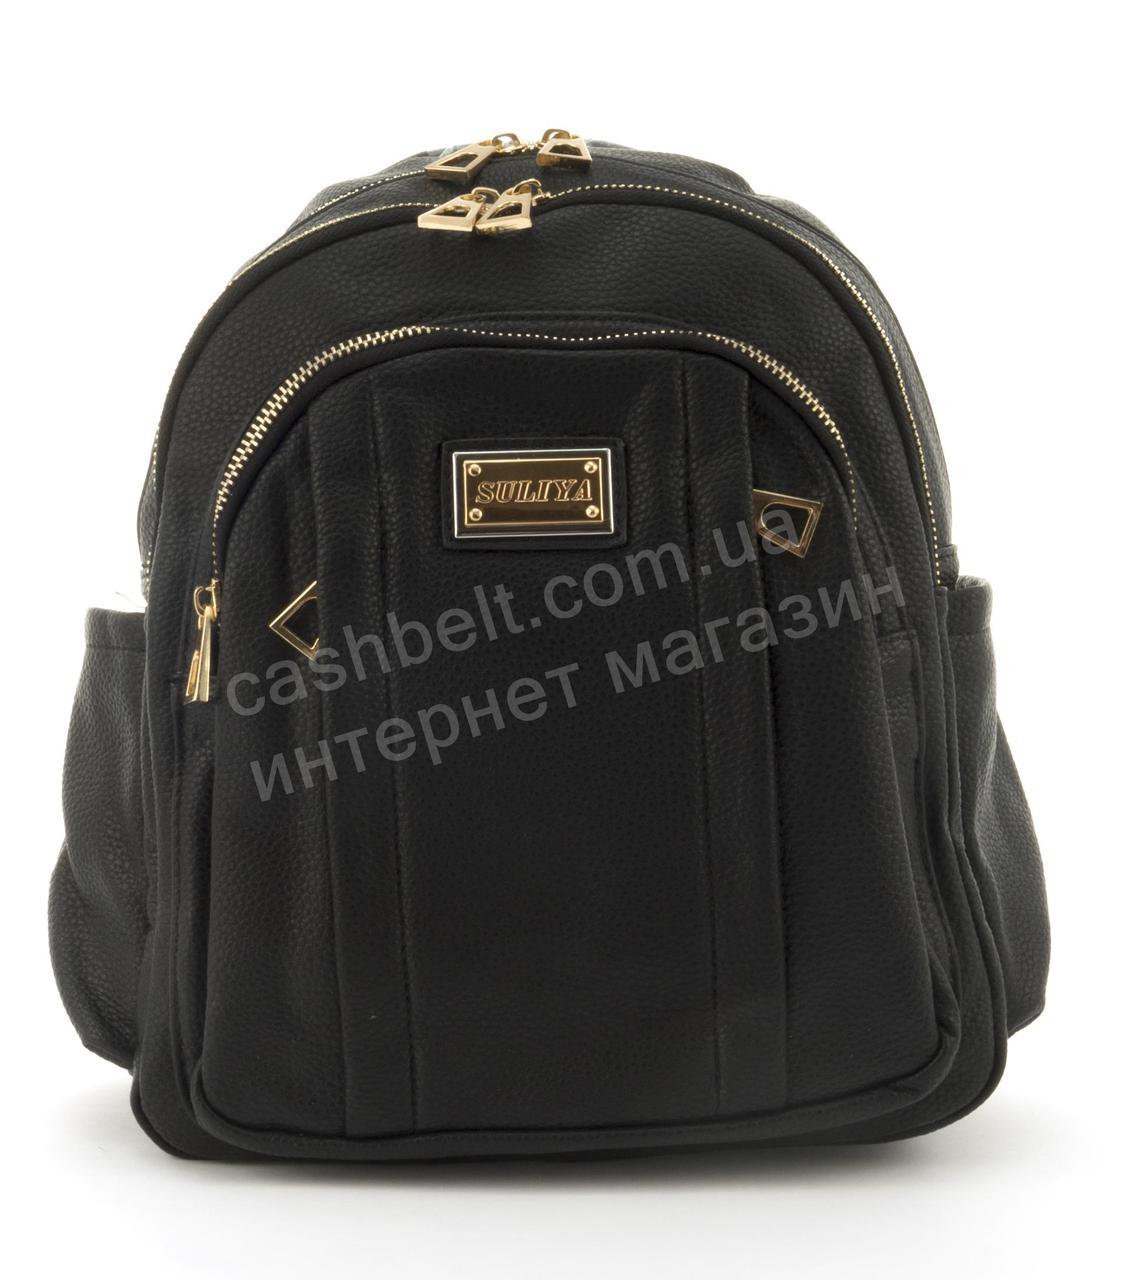 Прочный и надежный рюкзачок среднего размера из эко кожи Suliya art. 7060 черный